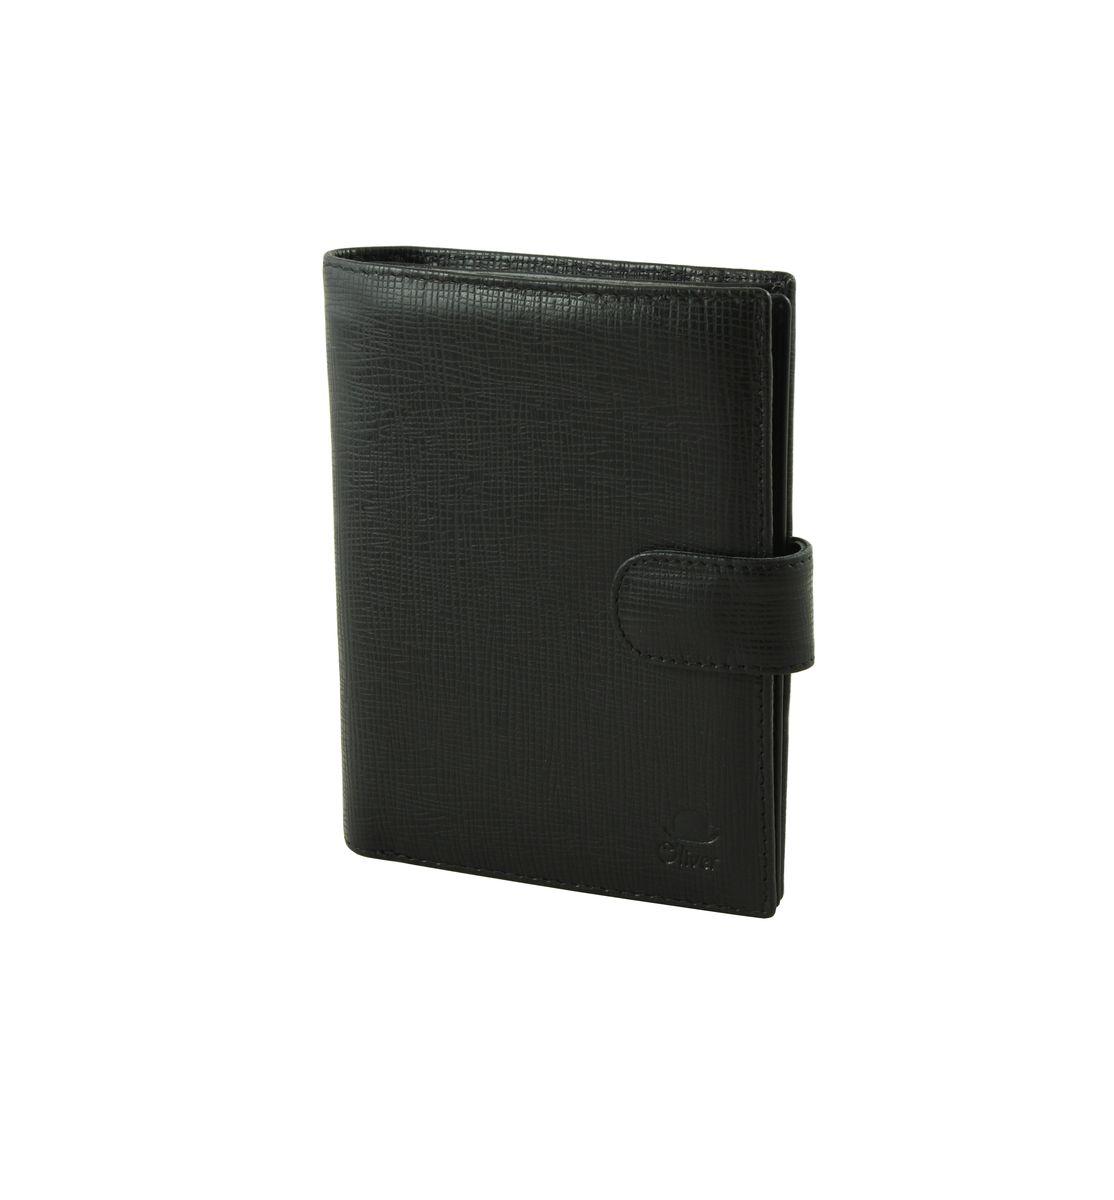 Портмоне мужское Dimanche Oliver, цвет: черный. 235235Стильное мужское портмоне Dimanche Oliver выполнено из натуральной кожи с фактурным тиснением. Закрывается изделие на хлястик с кнопкой. Внутри имеются три отделения для купюр, одно из которых на застежке-молнии, два боковых кармана, двенадцать кармашков для визиток и пластиковых карт, один из которых с прозрачным окошком, прорезной карман для sim-карты, блок из прозрачного пластика с пятью файлами и отделение для паспорта с двумя прозрачными карманами. Изделие упаковано в фирменную коробку. Стильное портмоне Dimanche Oliver станет отличным подарком для человека, ценящего качественные и практичные вещи.